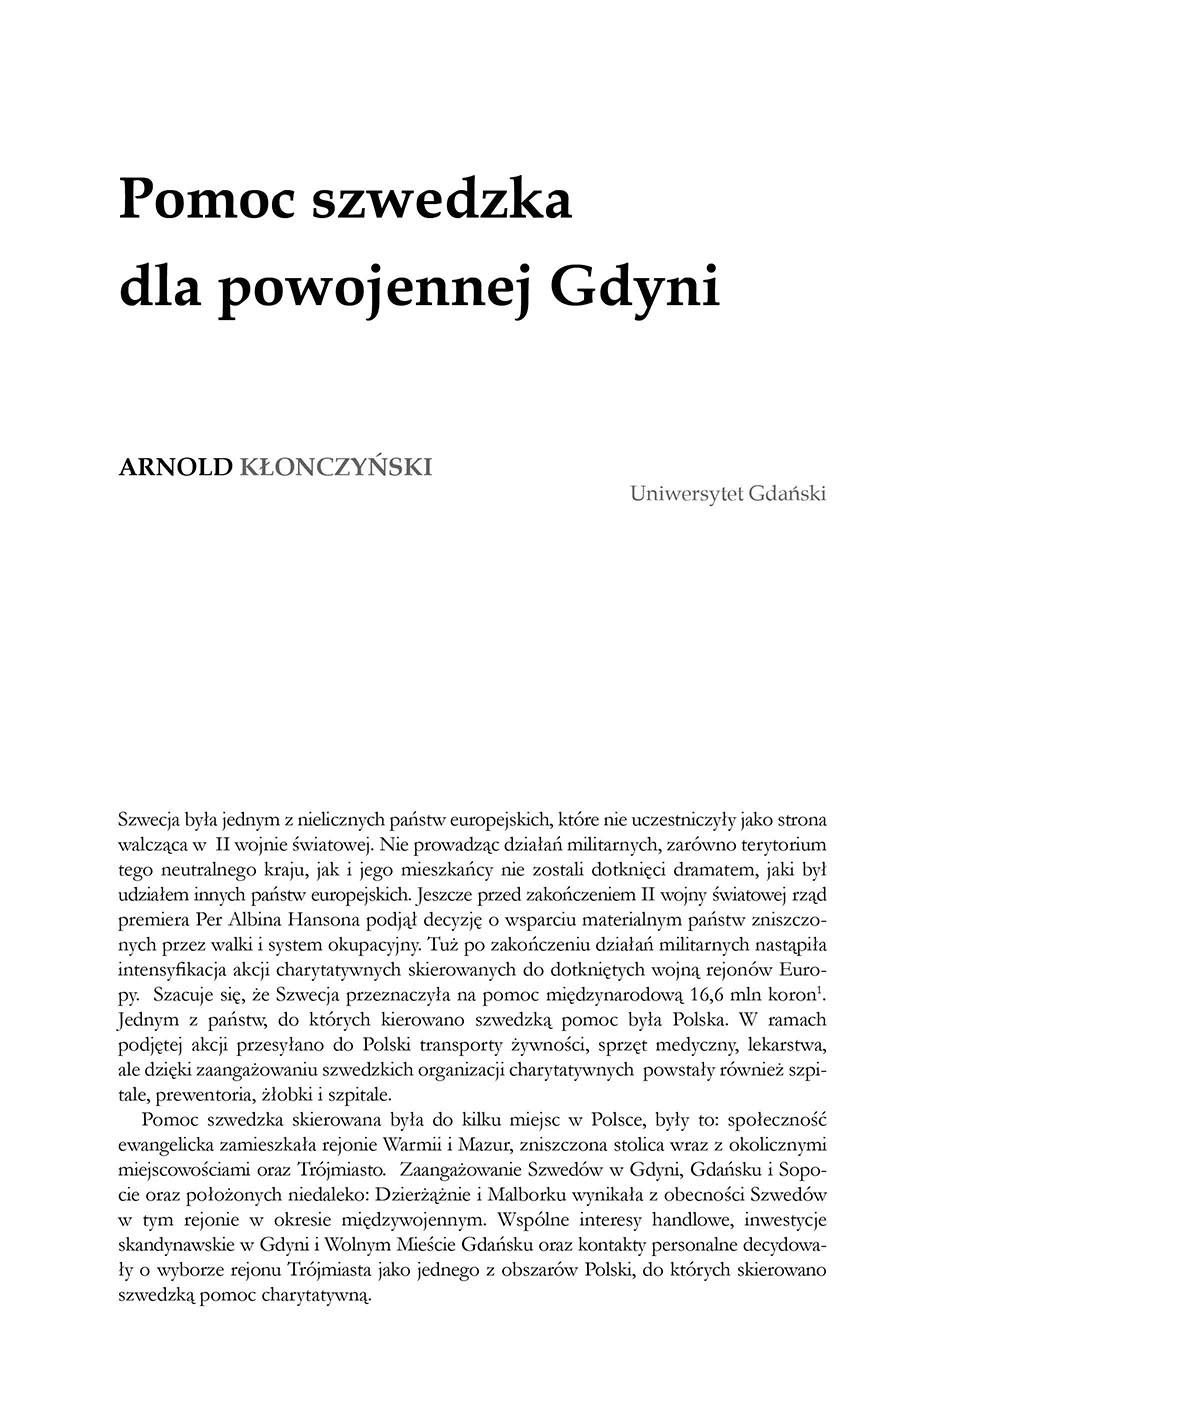 Pomoc szwedzka dla powojennej Gdyni